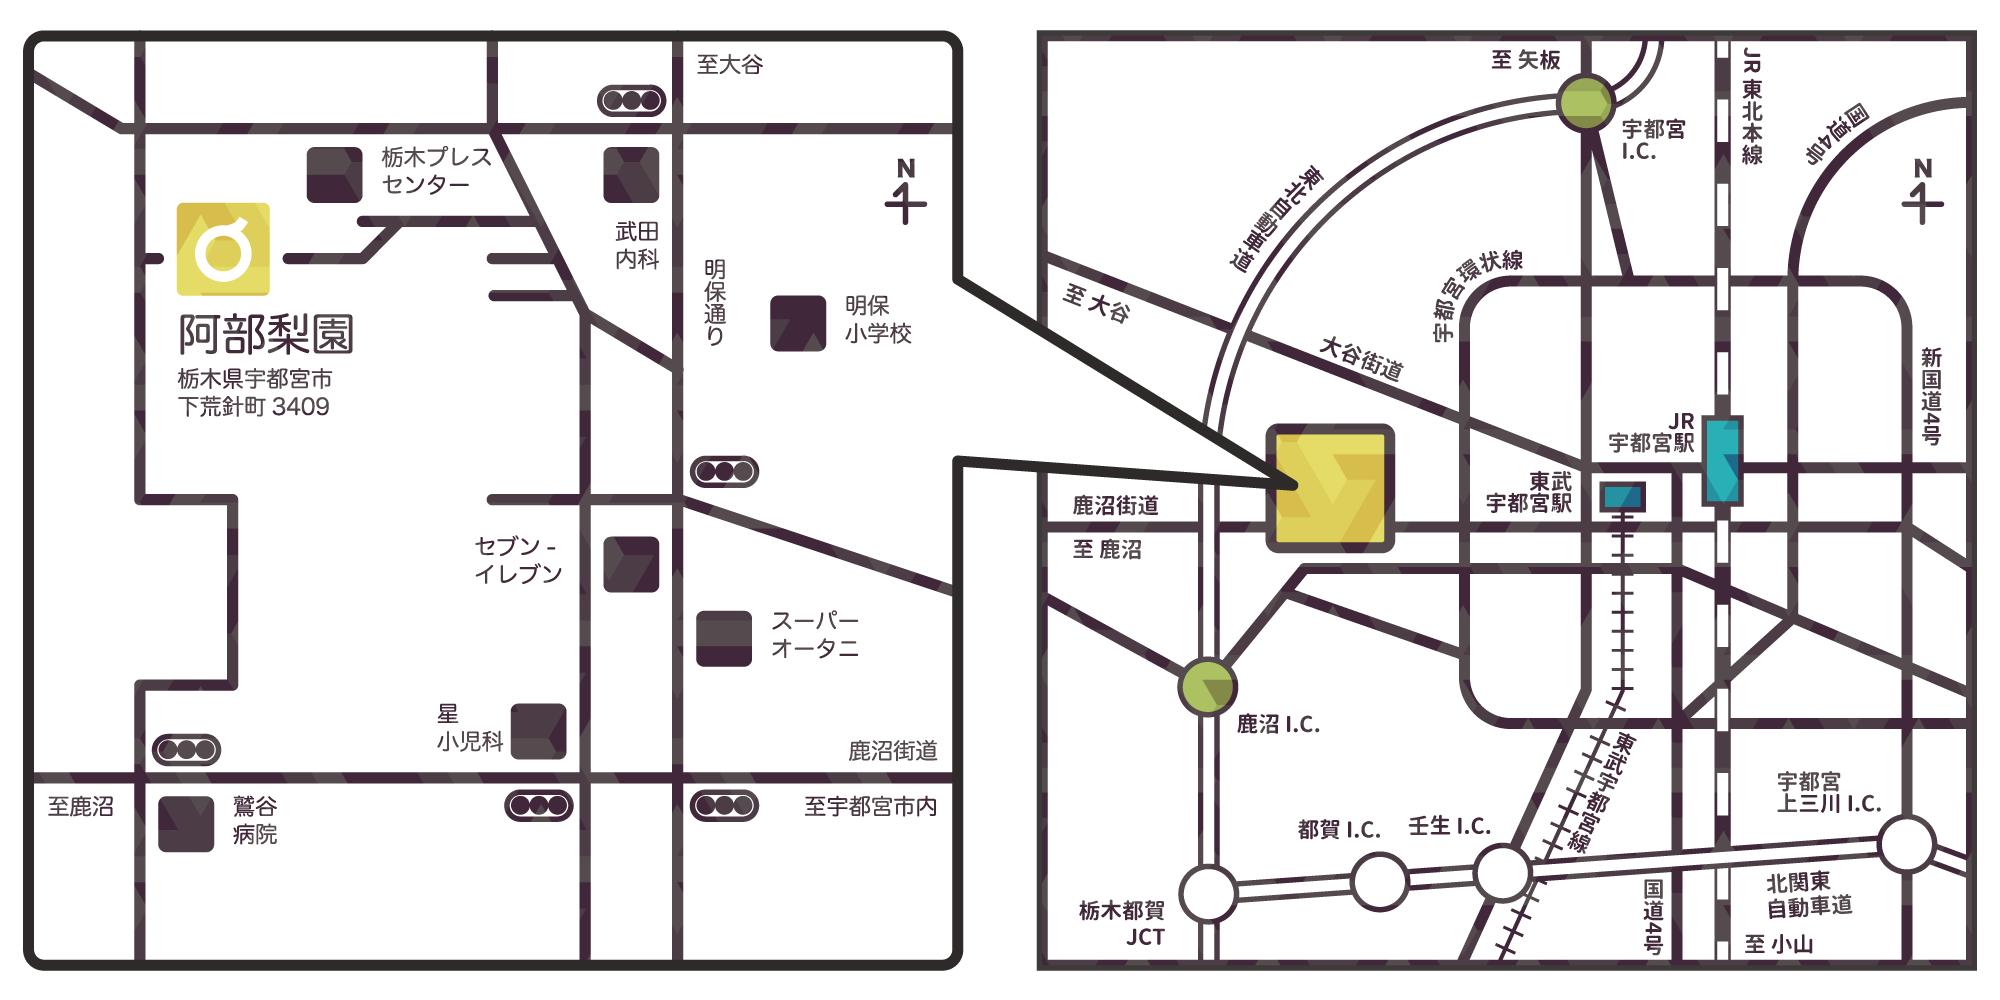 詳細⇔広域地図